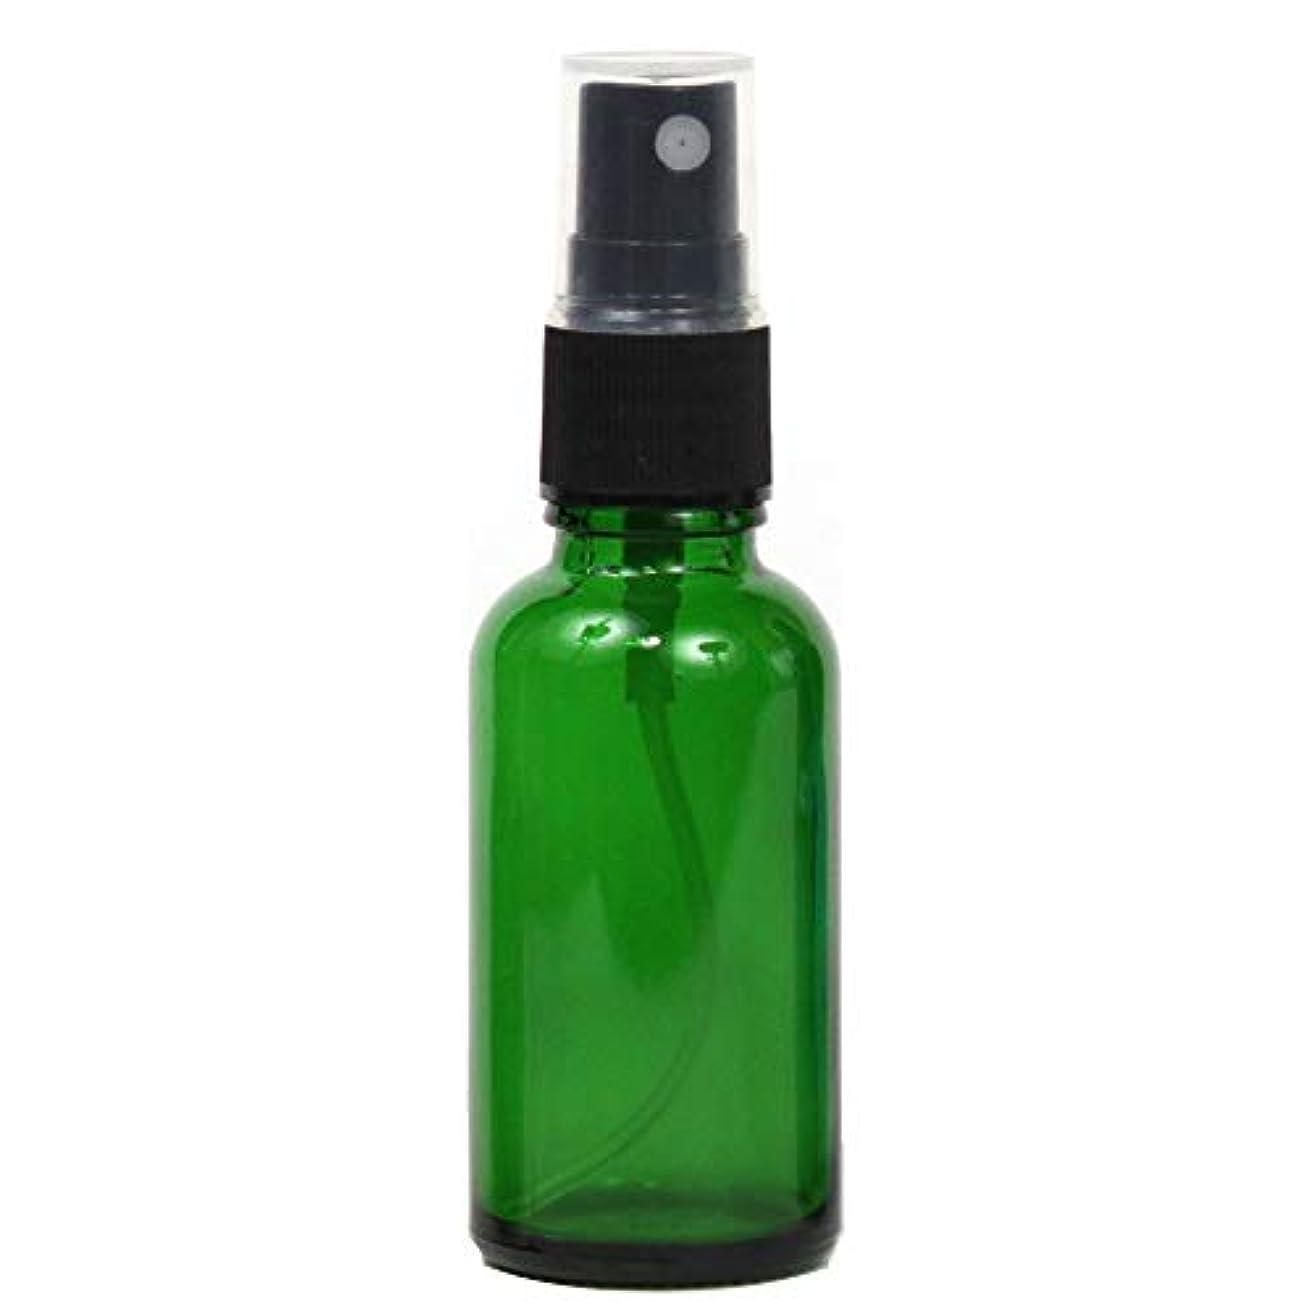 最近汗キラウエア山スプレーボトル 30mL ガラス遮光性グリーン 瓶 空容器 グリーン 4個